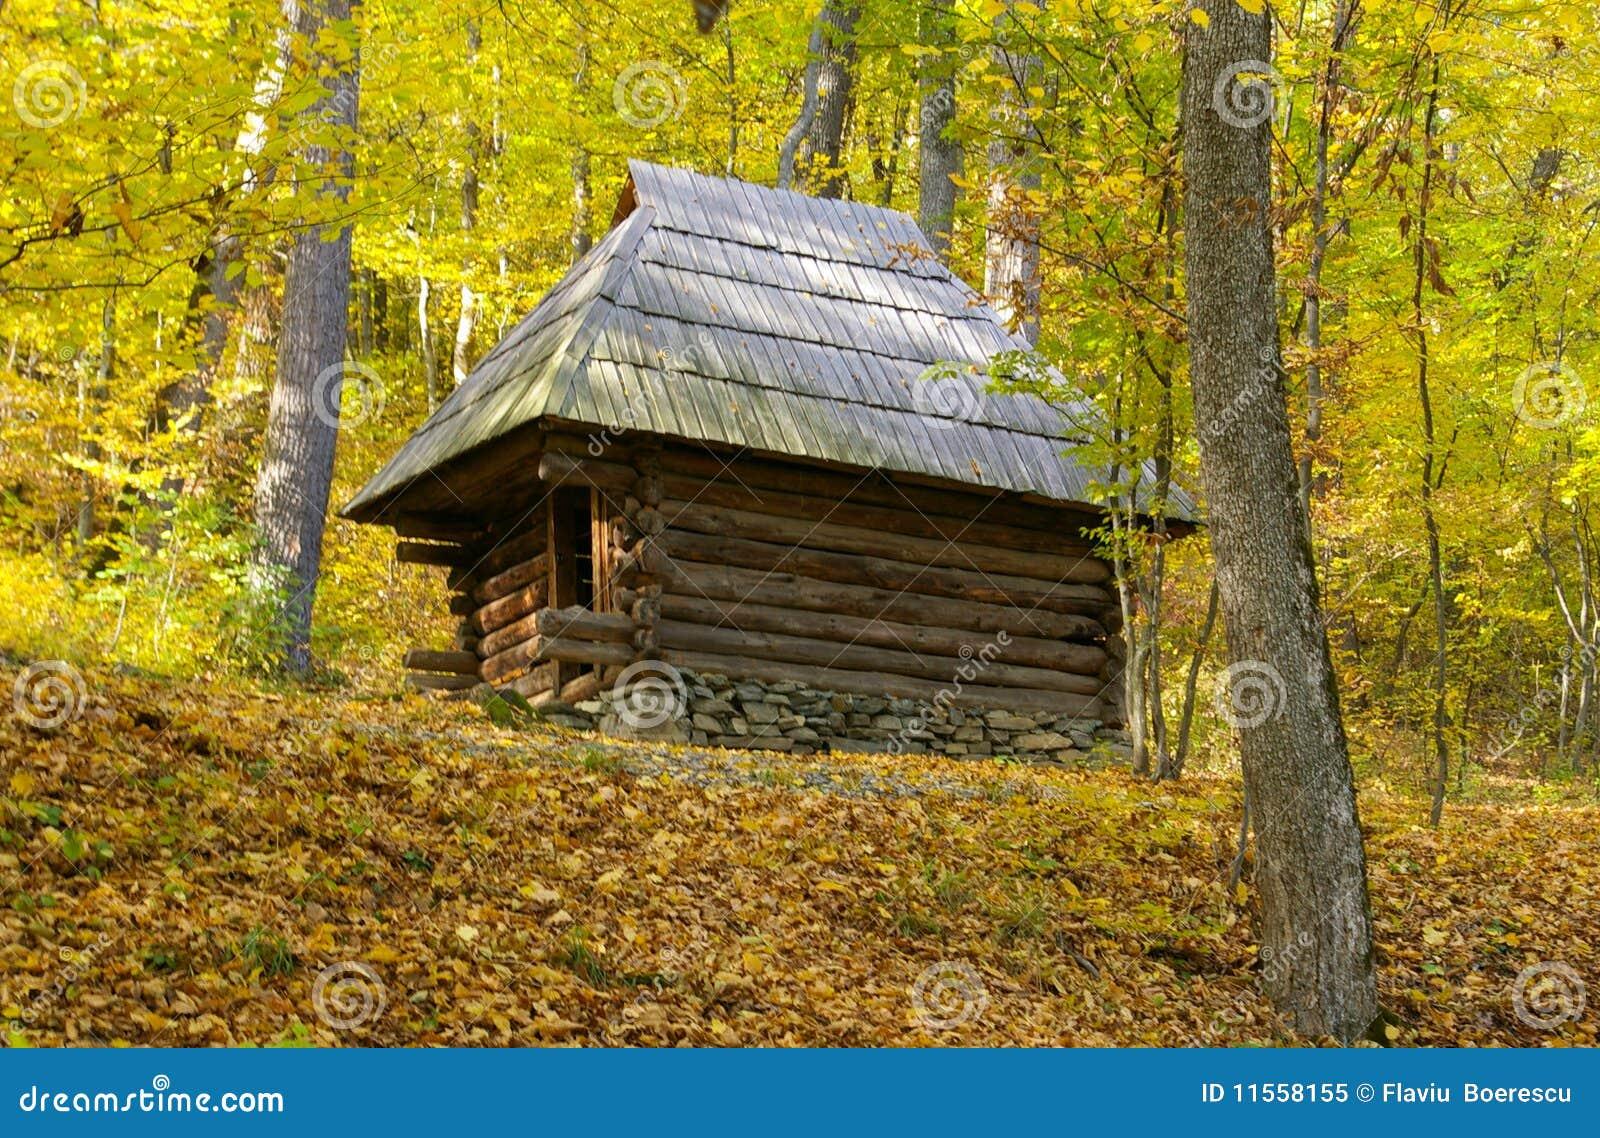 vieille maison en bois au milieu de la for t d 39 or image stock image 11558155. Black Bedroom Furniture Sets. Home Design Ideas